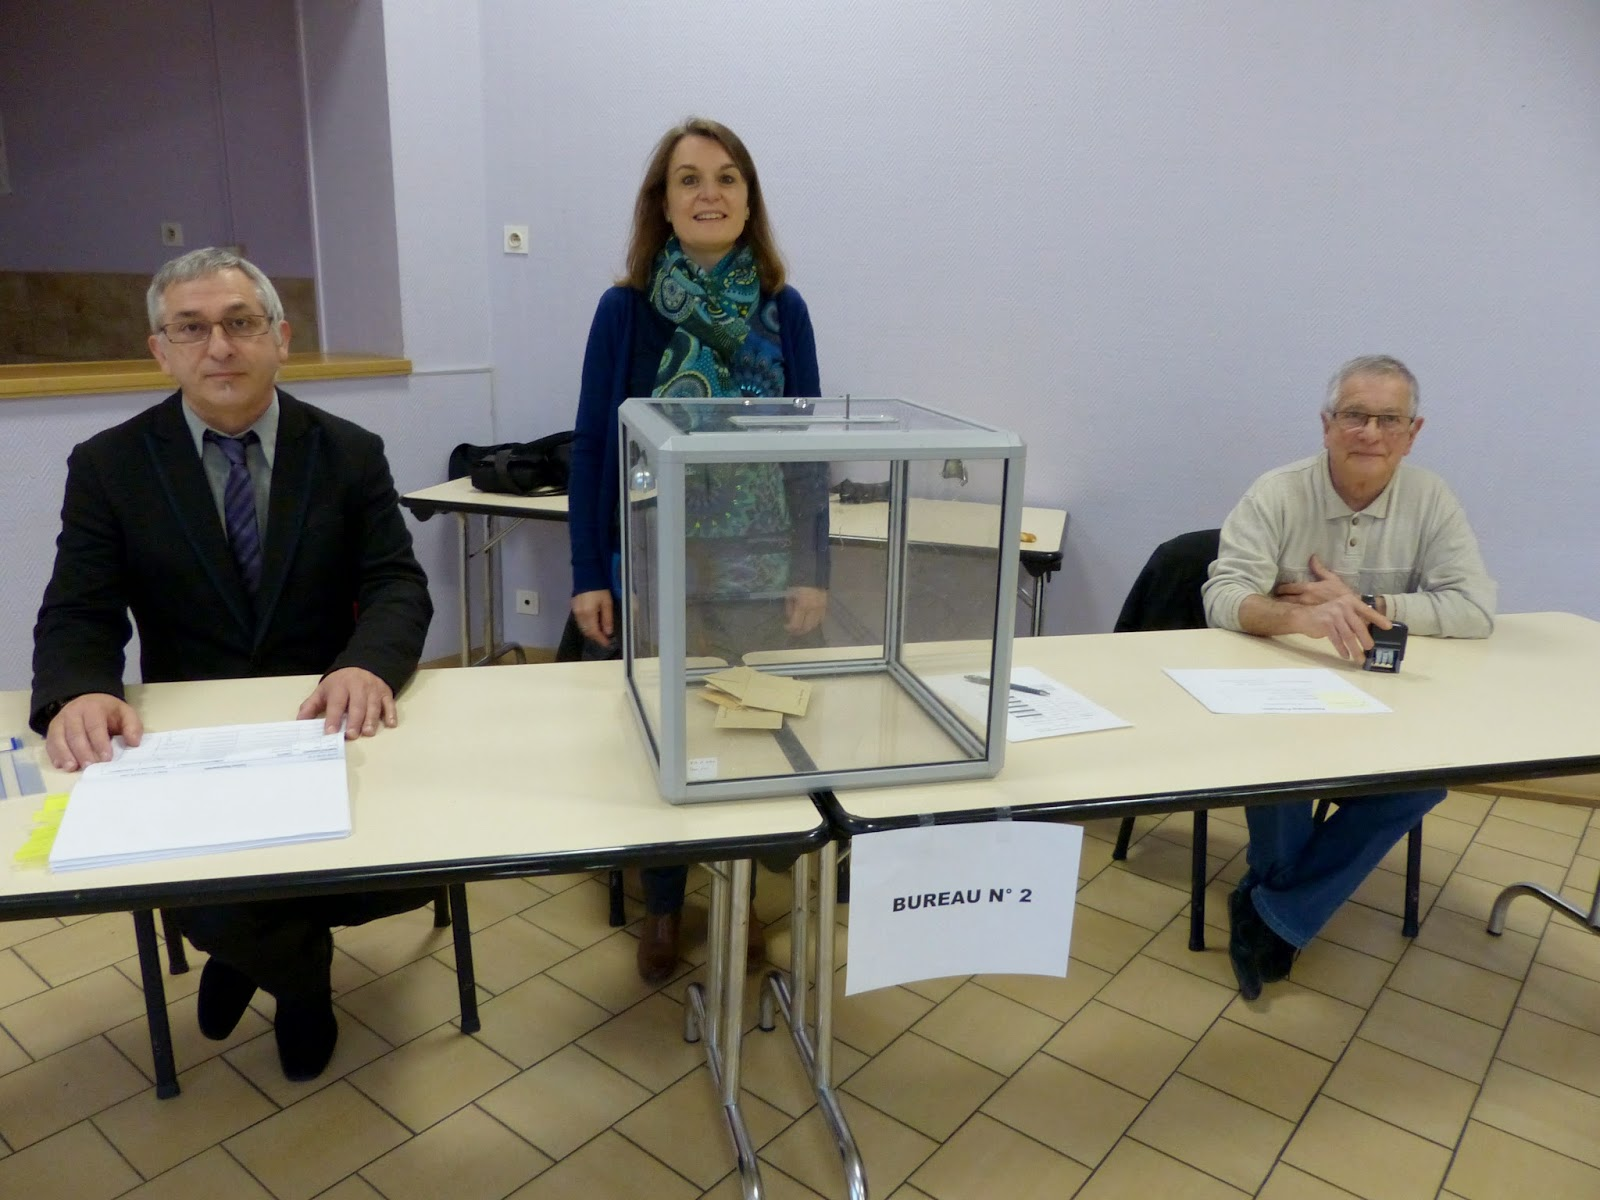 notre dame d 39 o elections d partementales les bureaux de vote sont ouverts depuis 8h. Black Bedroom Furniture Sets. Home Design Ideas